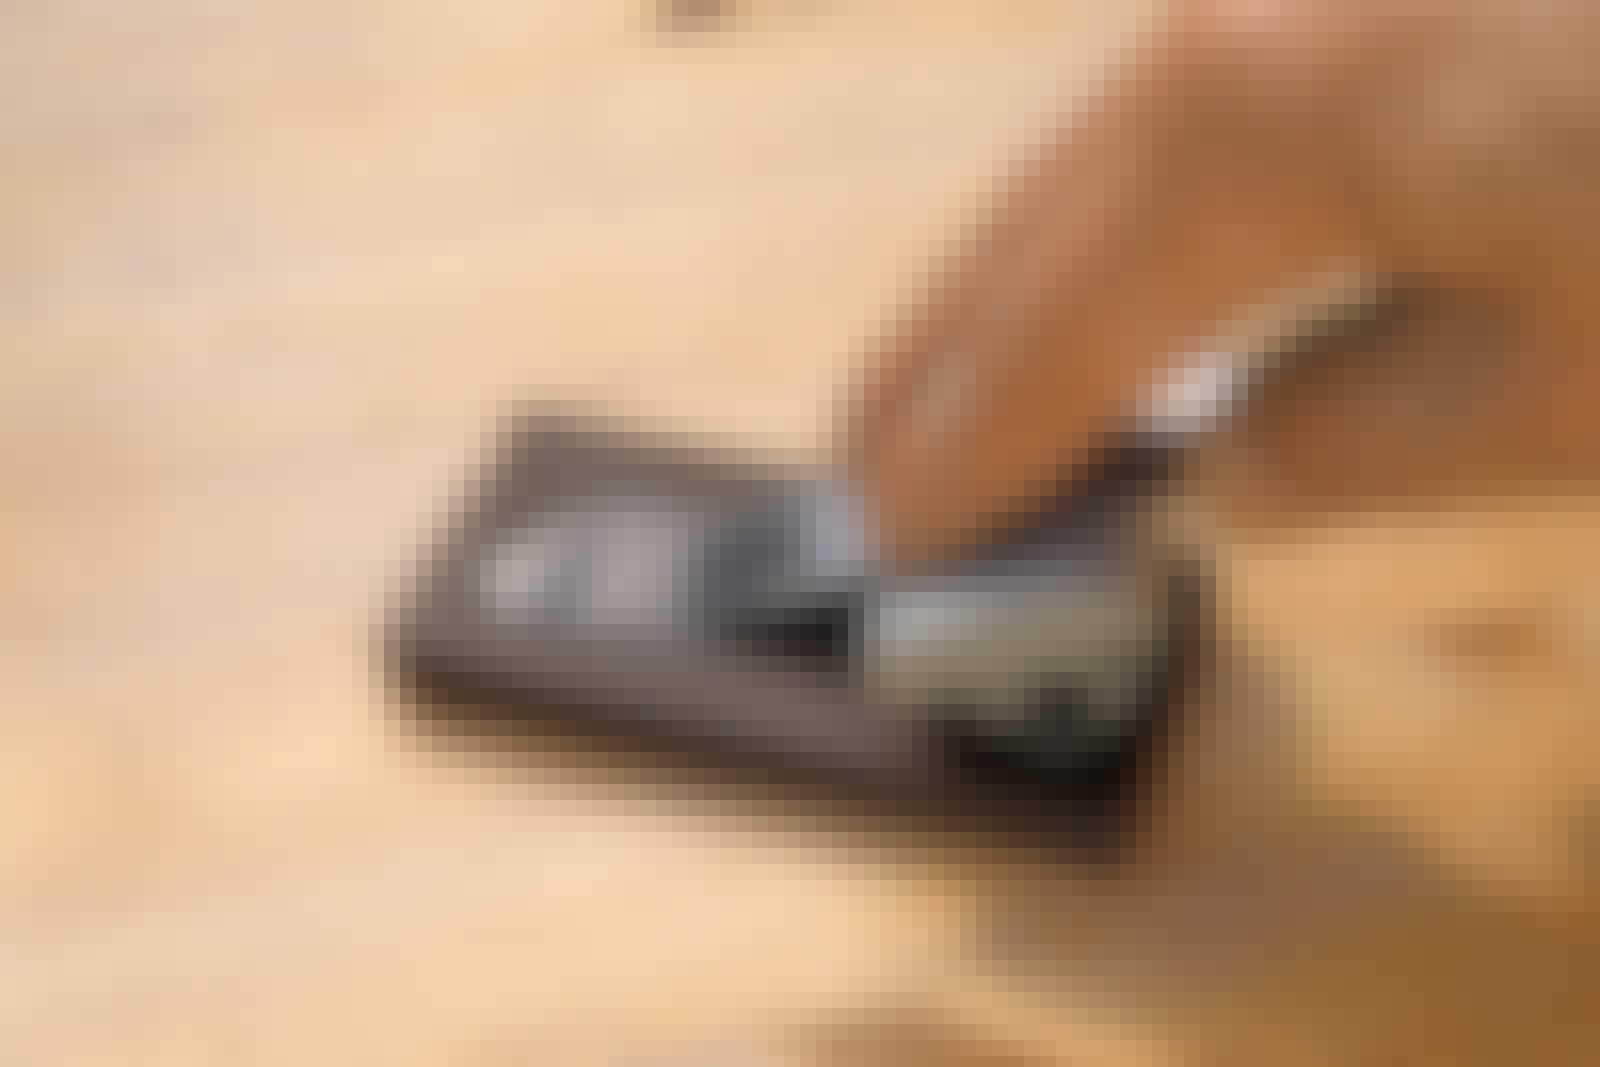 Sliping av stemjern: Et stemjern skal slipes med jevne mellomrom. Det gjøres med et bryne med en grov og en finere side. Først slipes grovt og deretter fint.